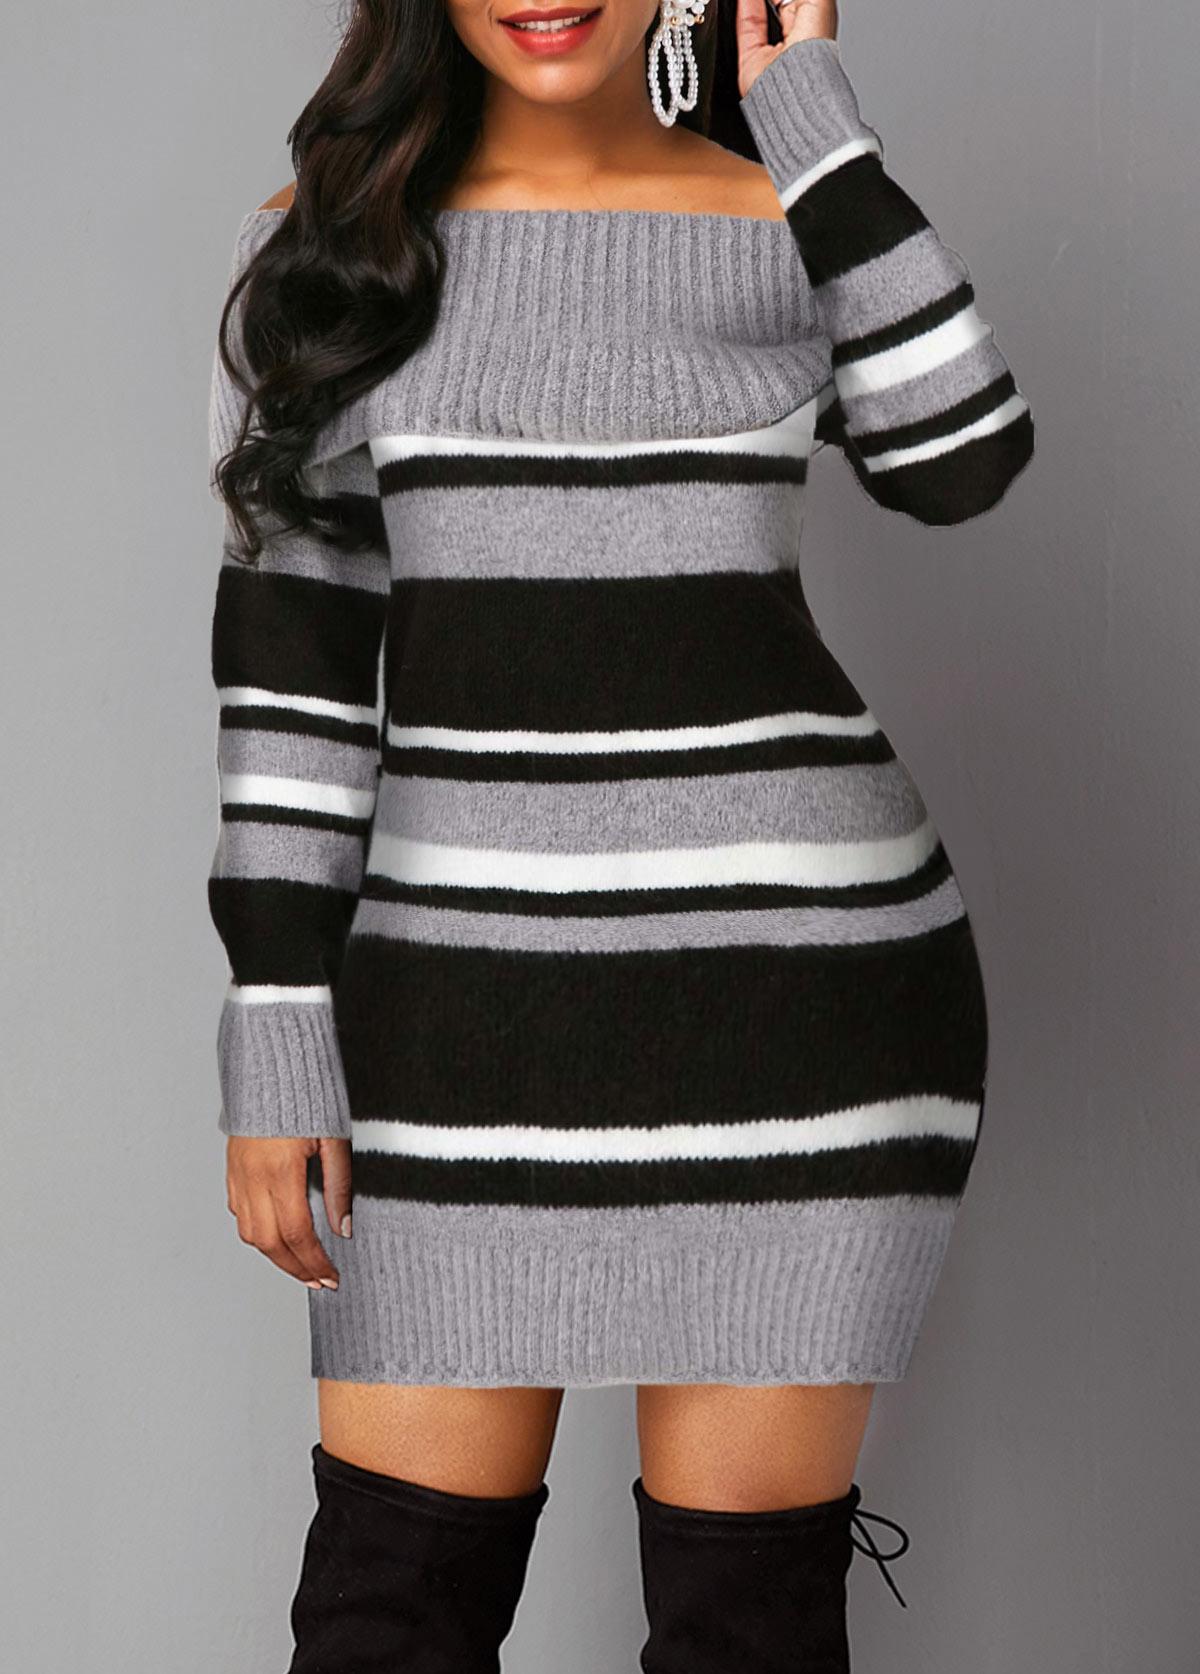 Long Sleeve Stripe Pattern Off the Shoulder Sweater Dress